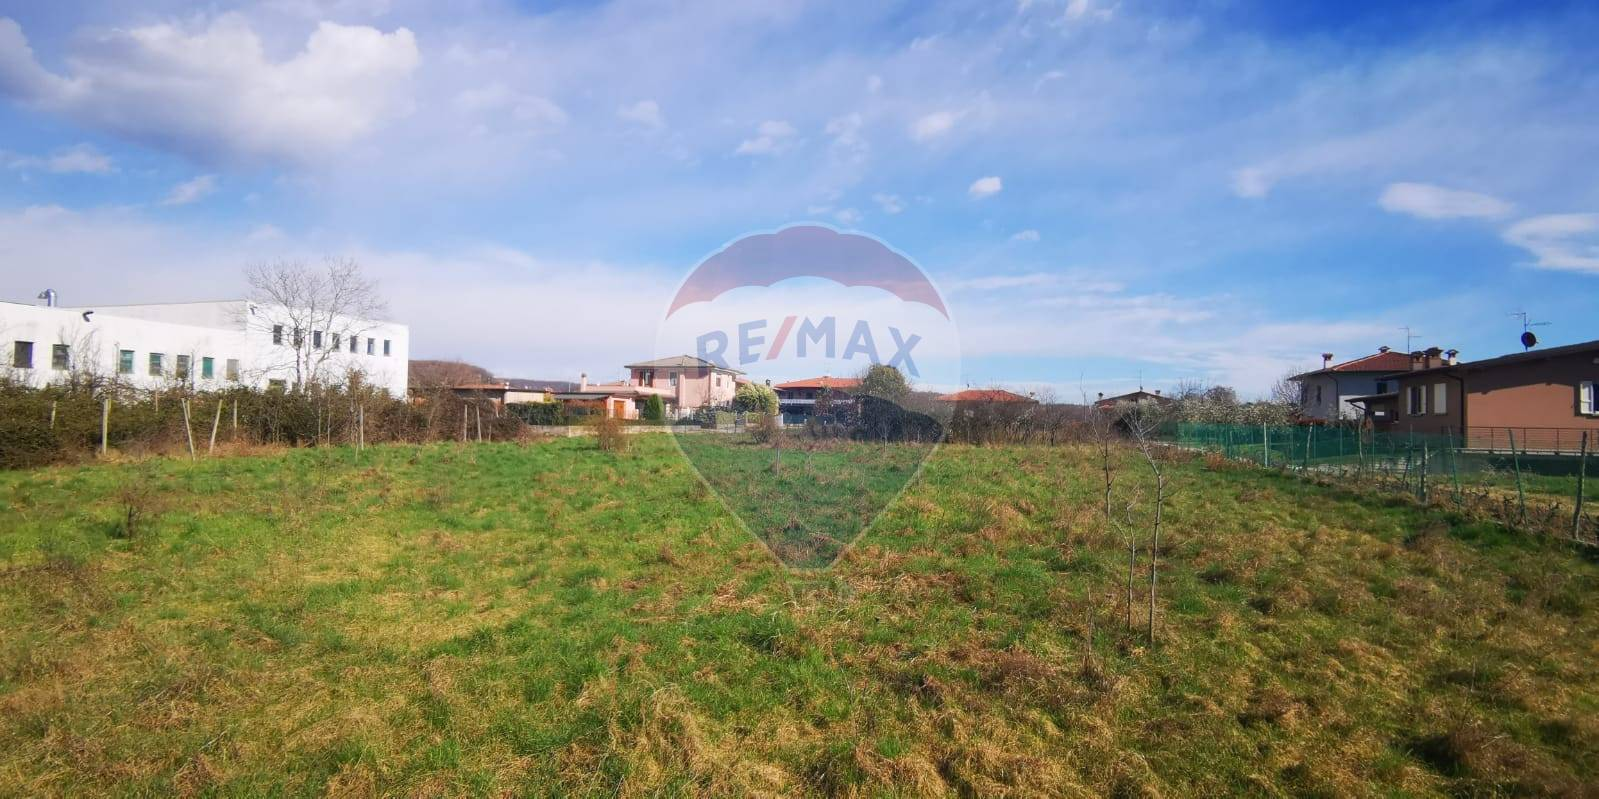 Terreno Edificabile Residenziale in vendita a Prevalle, 9999 locali, prezzo € 645.000 | PortaleAgenzieImmobiliari.it